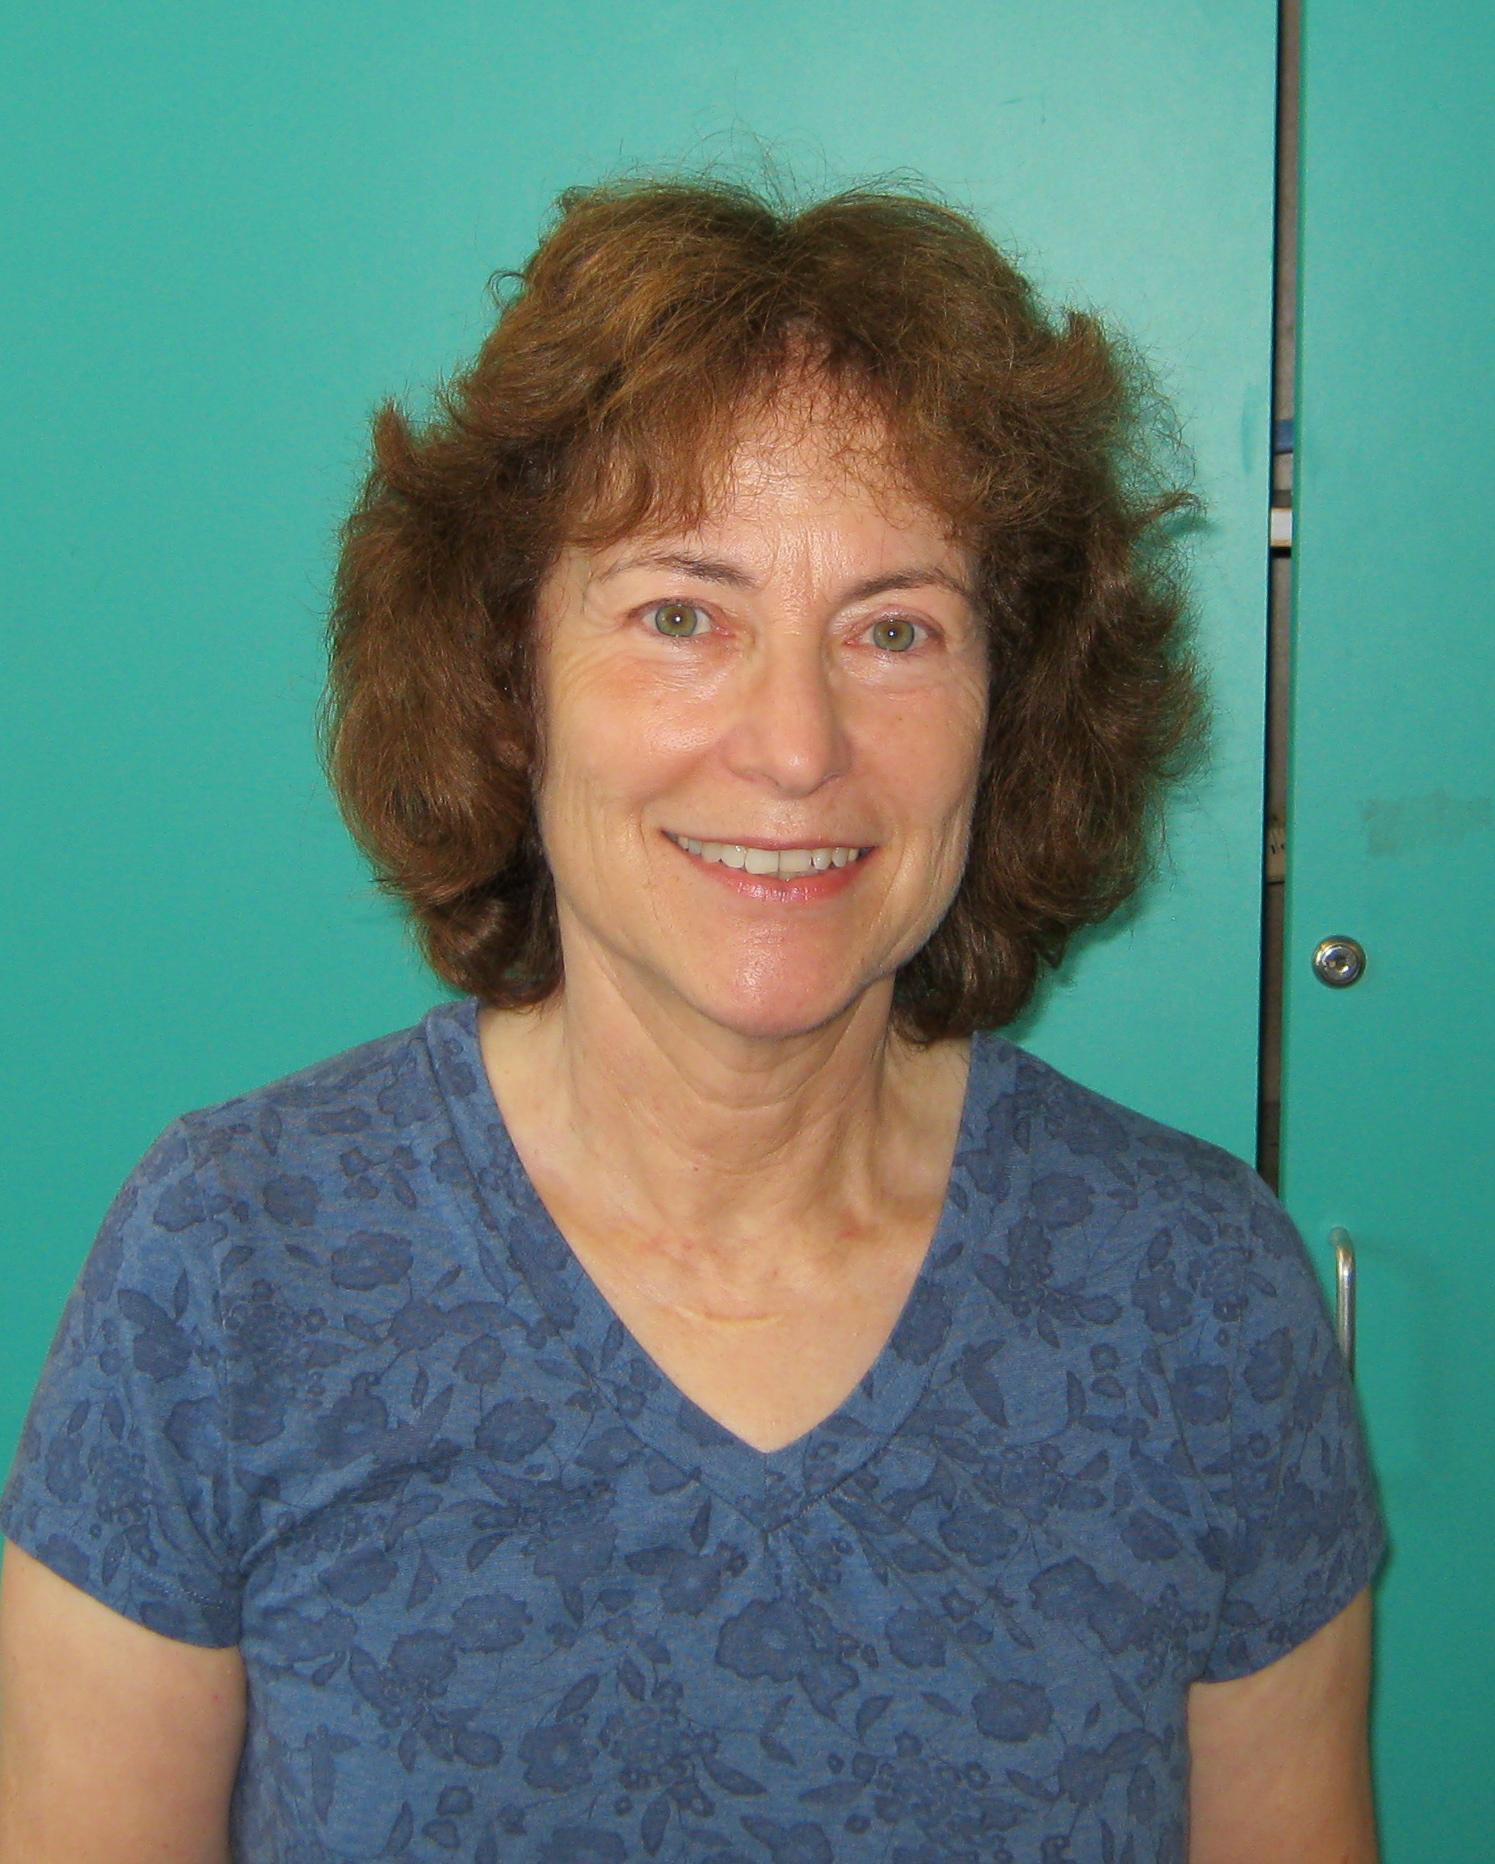 Ms. Gottschalk